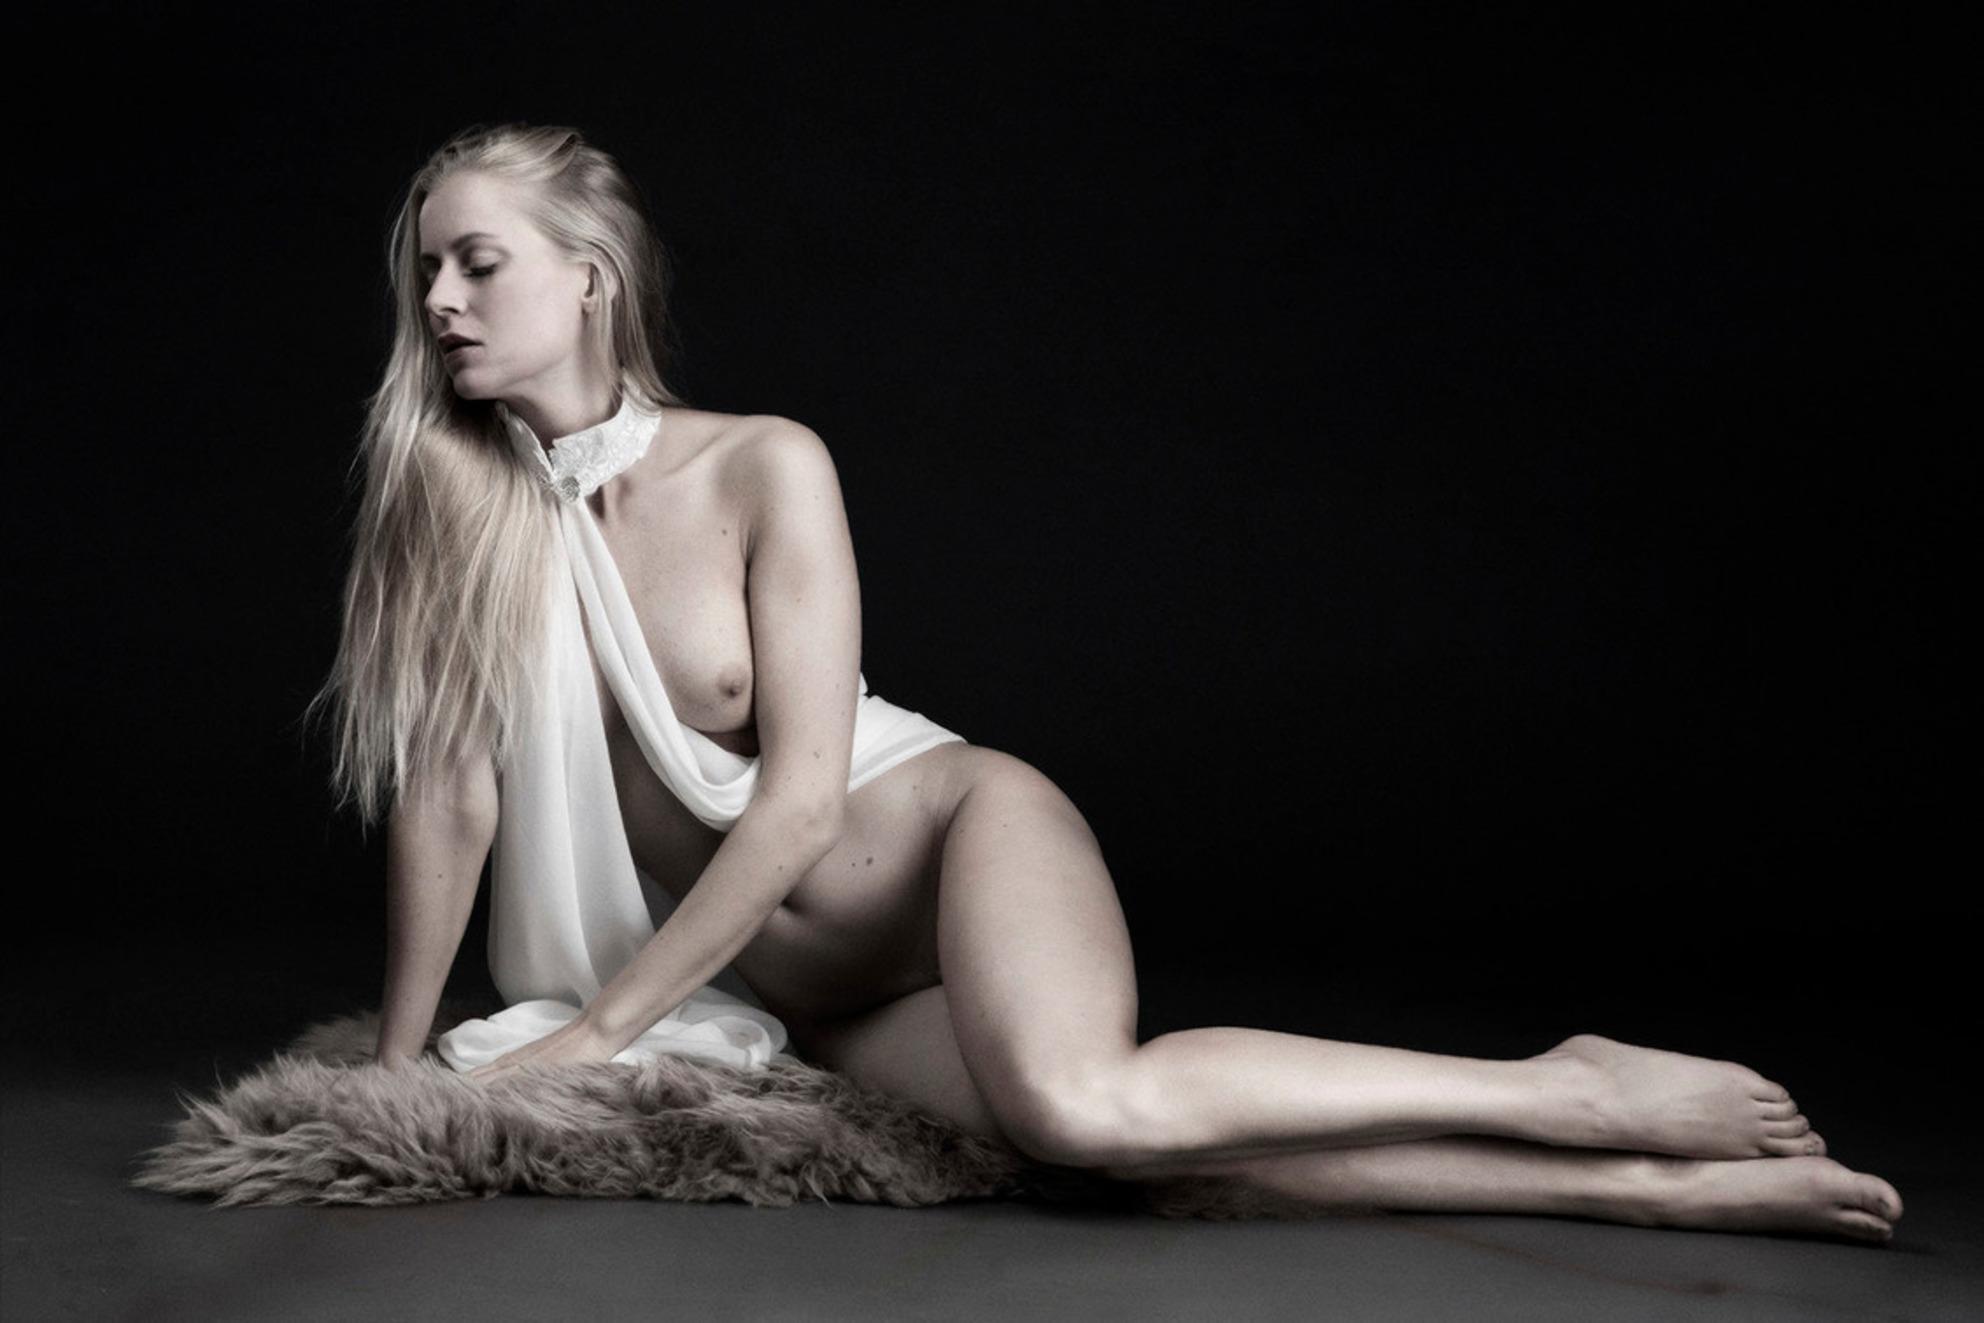 Sheepskin - met Anna Johansson - foto door jhslotboom op 26-02-2021 - deze foto bevat: vrouw, portret, model, erotiek, naakt, zwartwit, pose, studio, klassiek, artistiek, schapenvacht - Deze foto mag gebruikt worden in een Zoom.nl publicatie